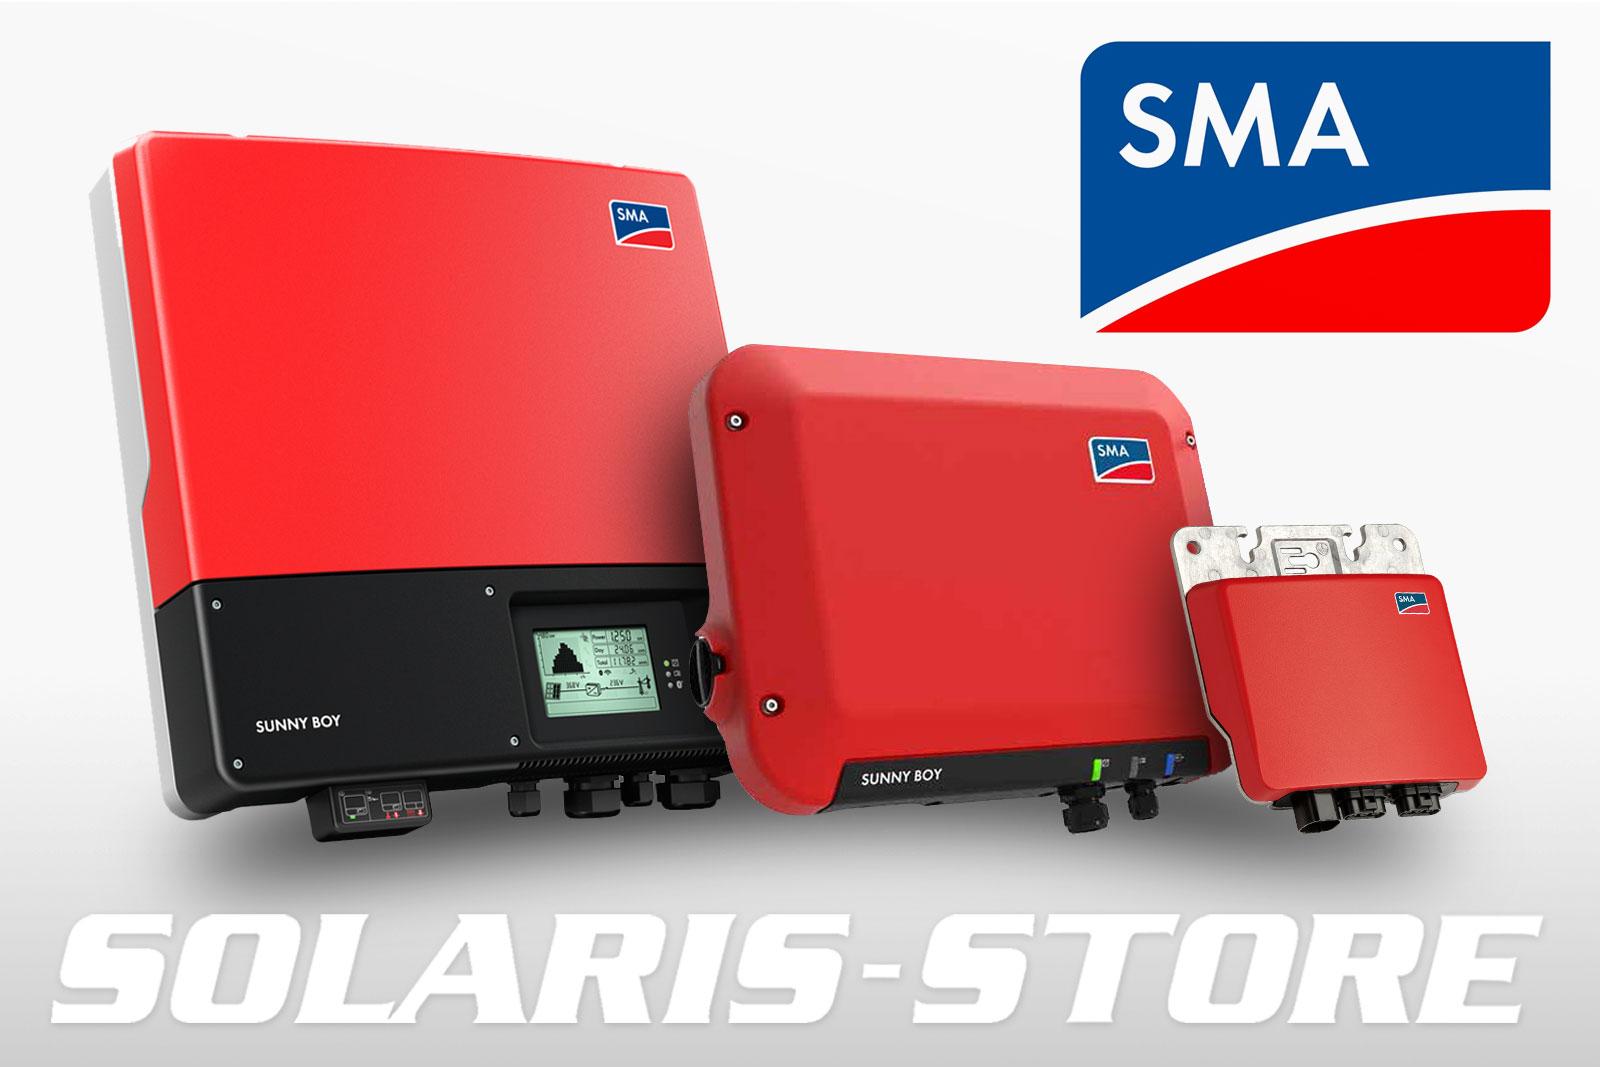 Onduleur réseau & micro onduleur solaire SMA pour